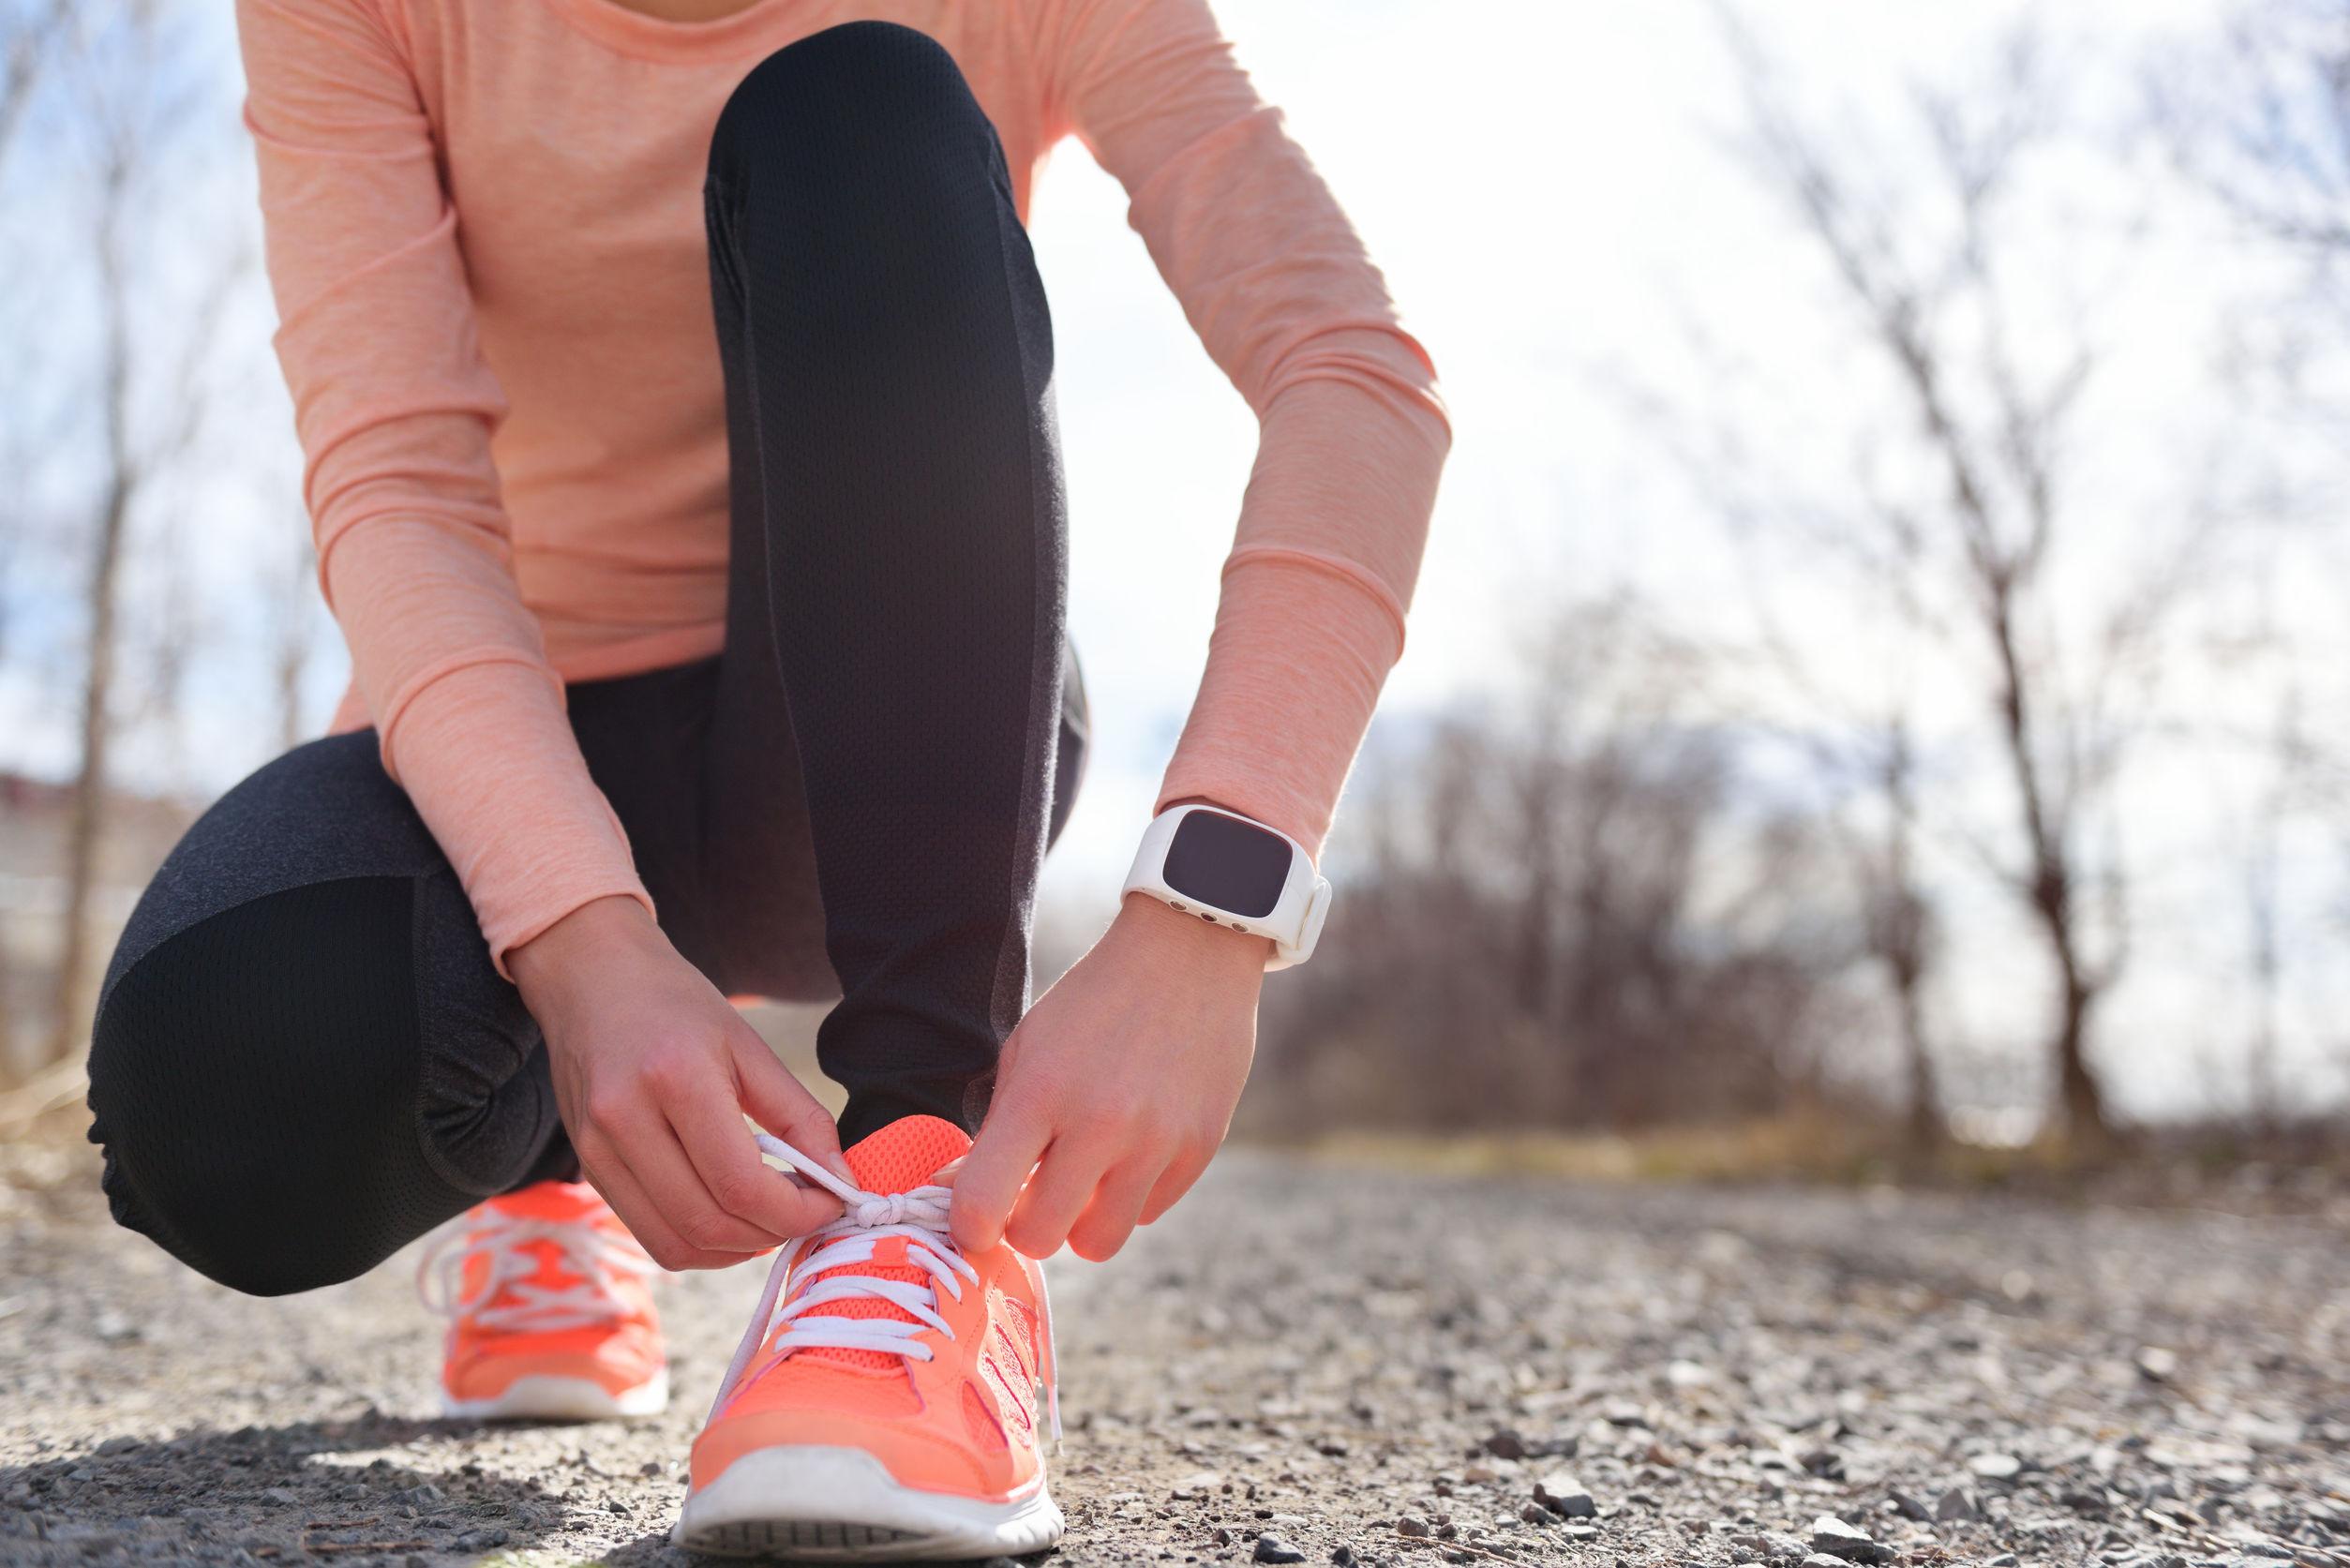 Prácticas que dejan de ser saludables si se pasa el límite